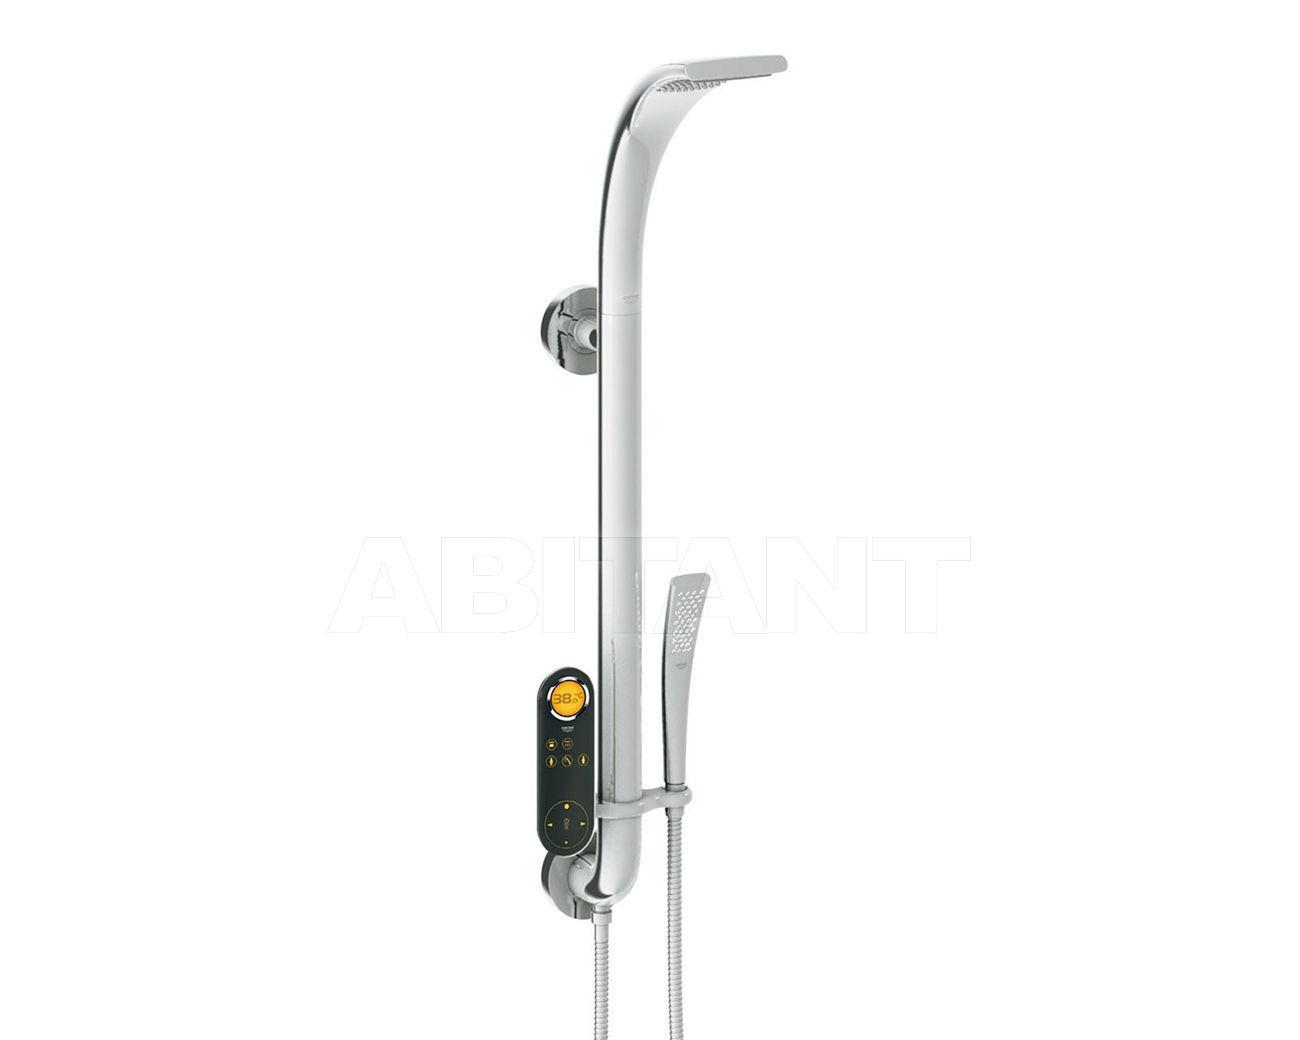 Купить Душевая система Ondus Grohe 2012 27 191 000